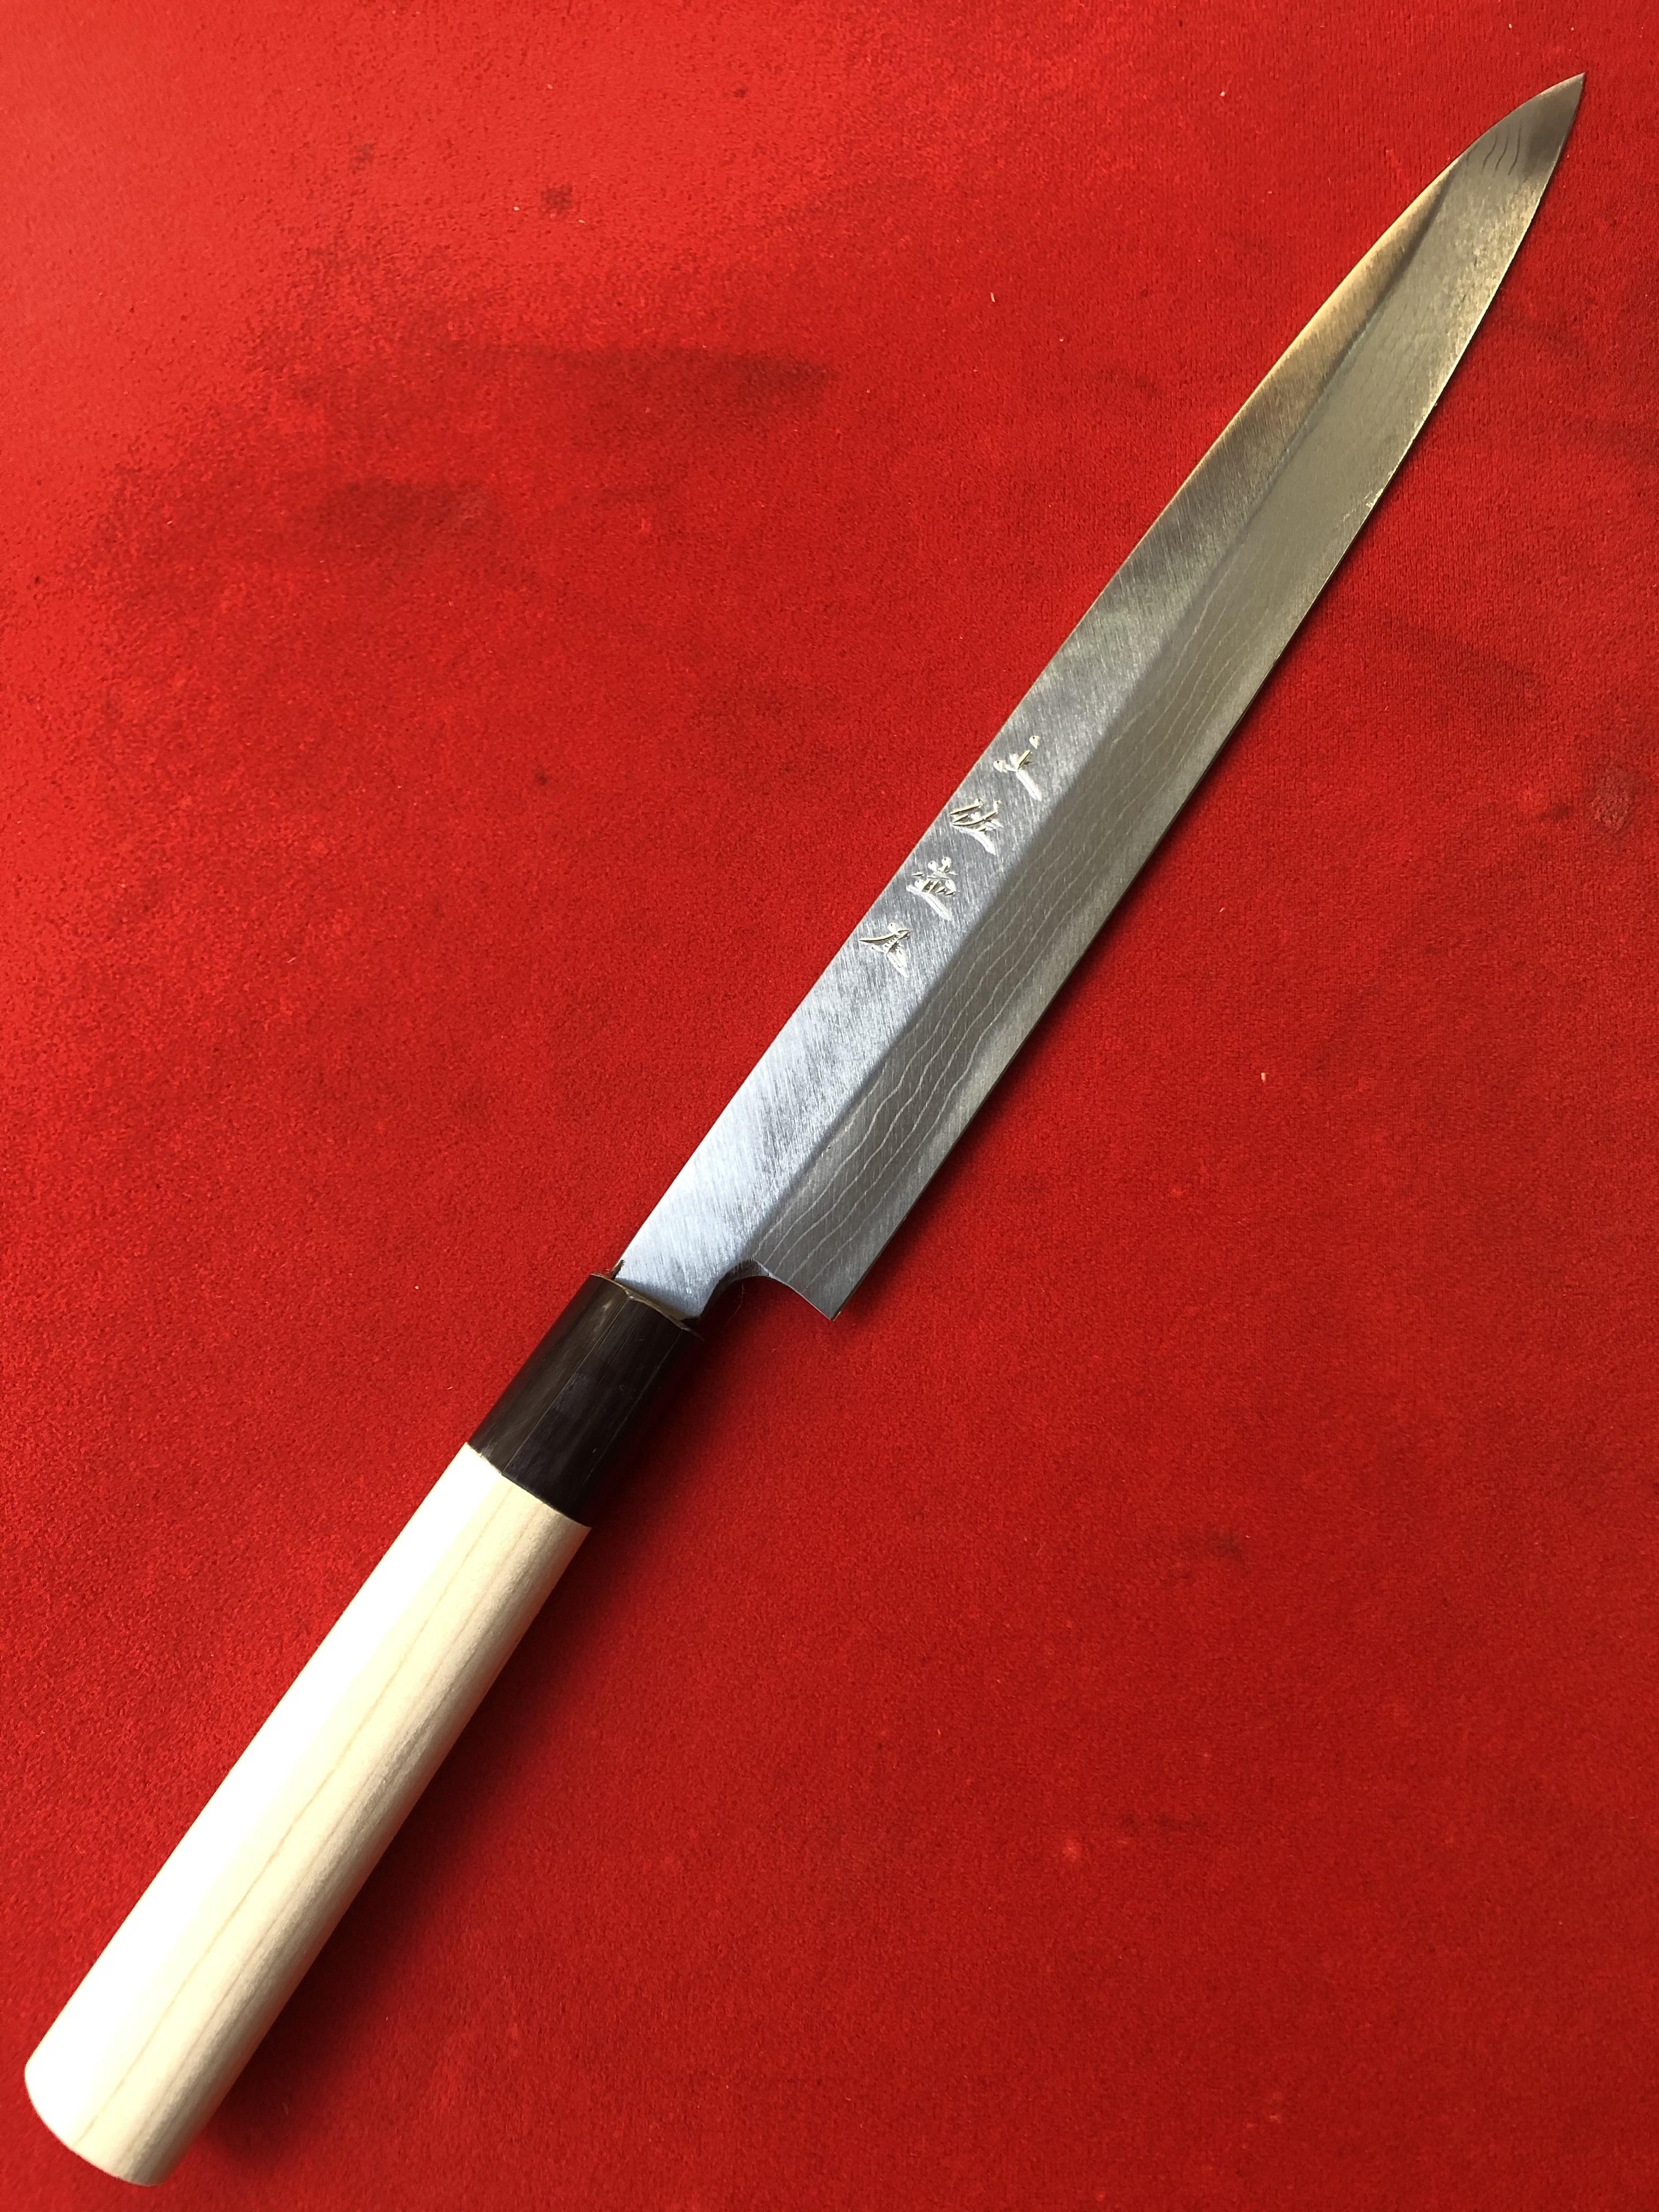 柳刃包丁 多層鋼 7寸 (安来青鋼 片刃)